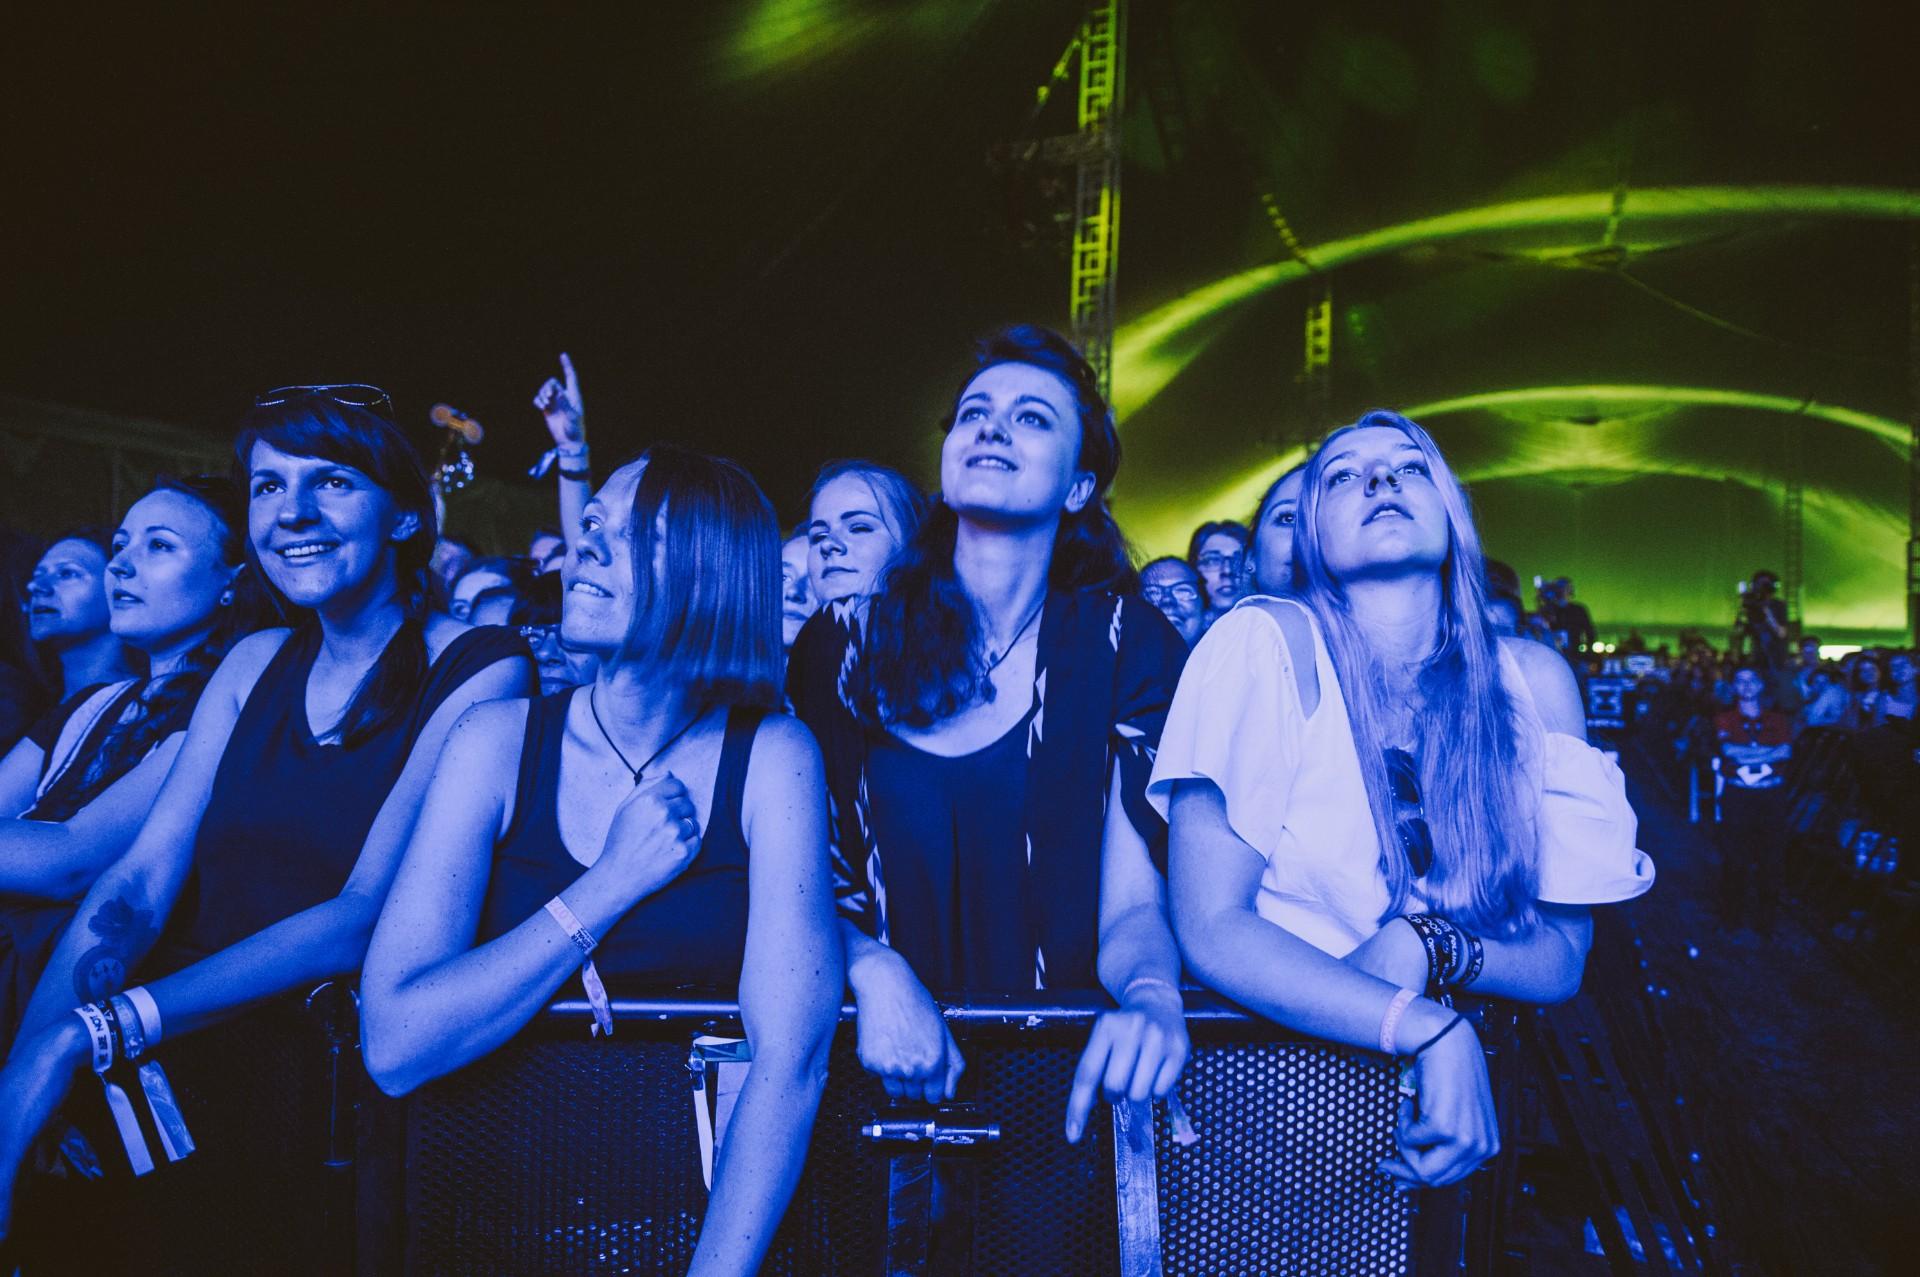 """""""Otwieramy koncerty"""": Muzycy iich przedstawiciele piszą dorządzących wsprawie powrotu koncertów"""